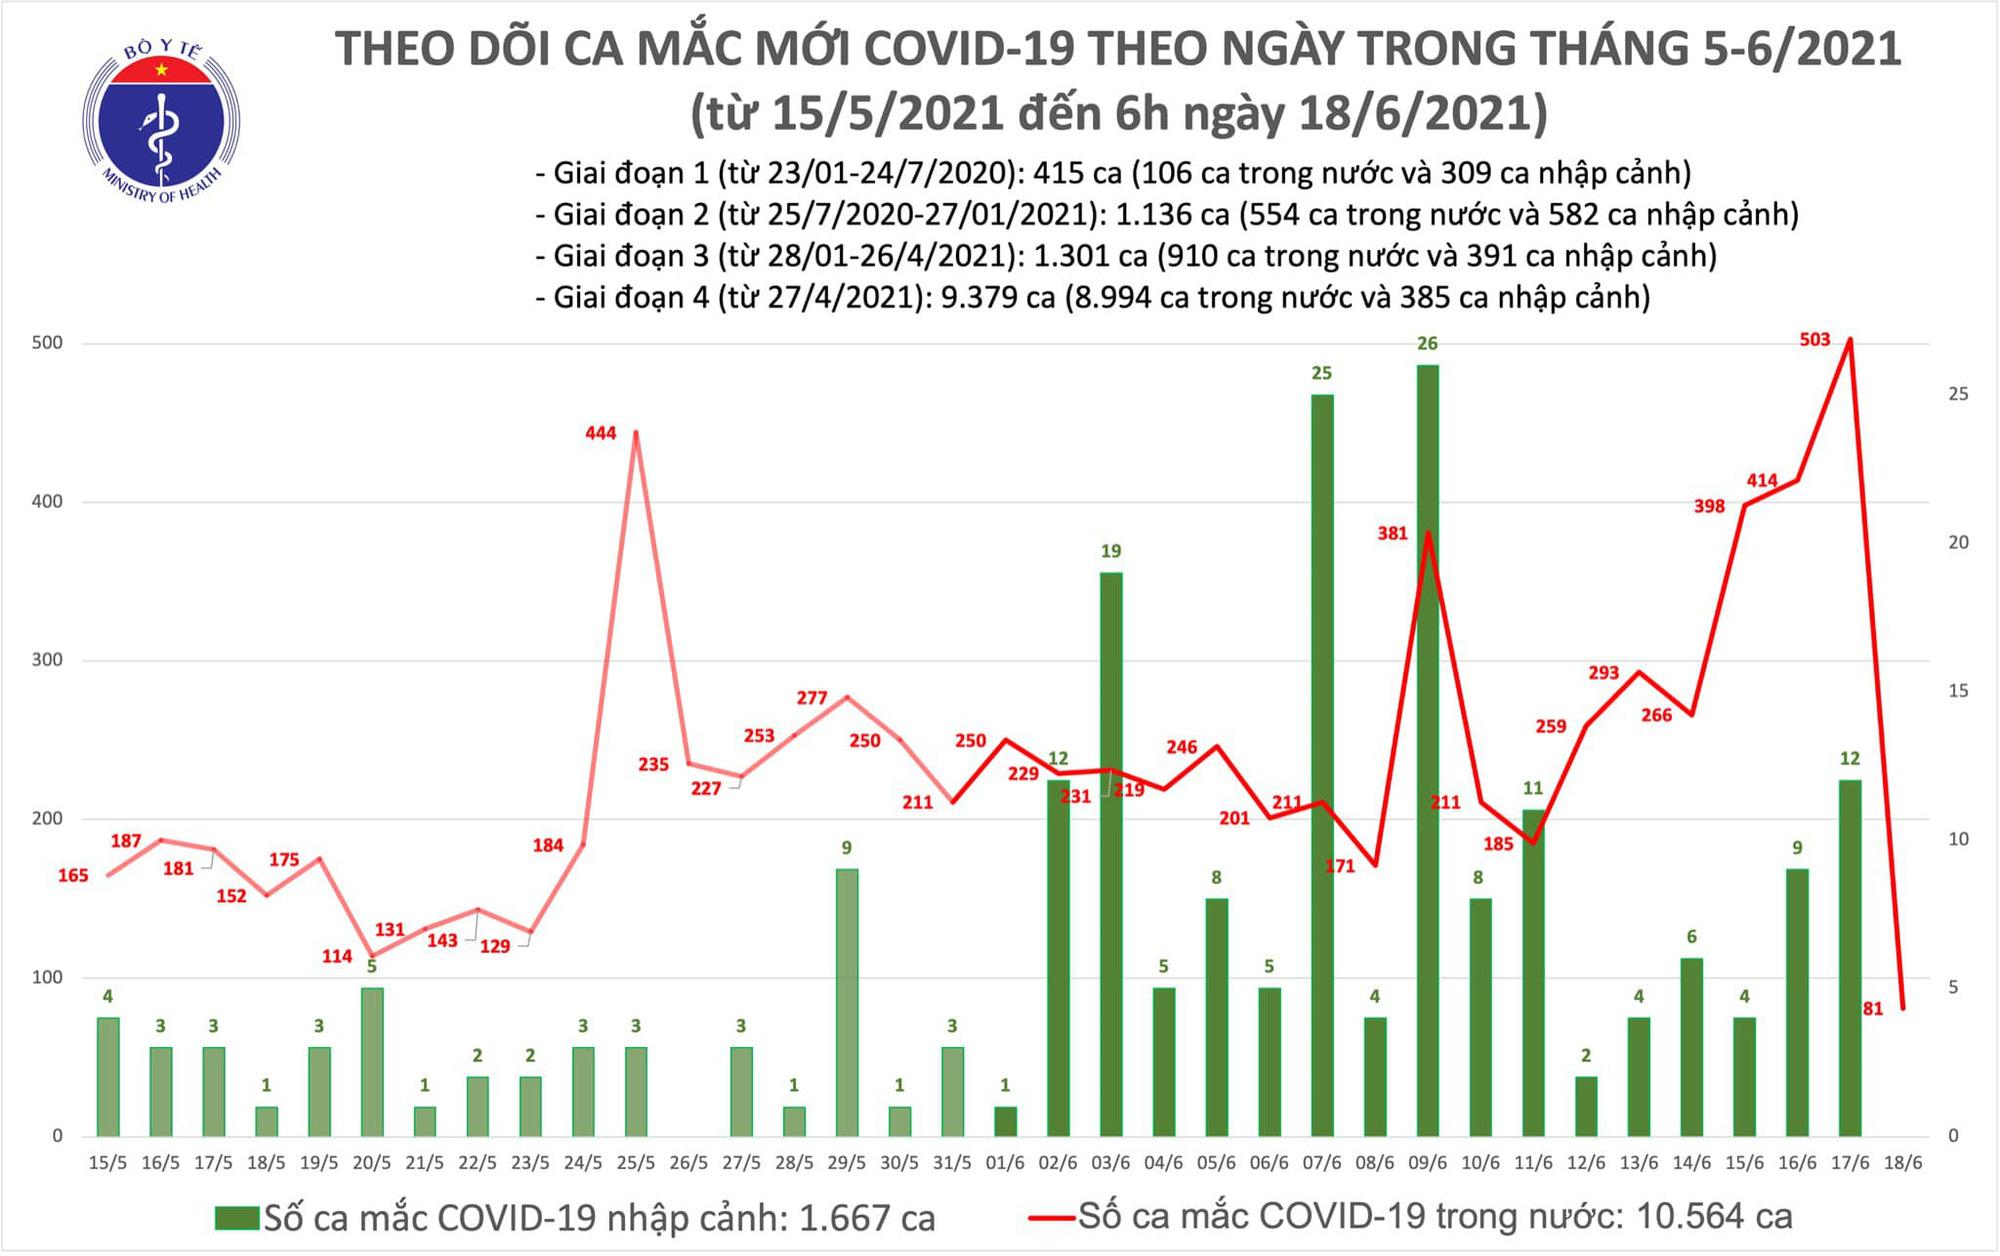 Sáng 18/6: Thêm 81 ca Covid-19 mới tại TP HMC, Bắc Giang - Ảnh 1.